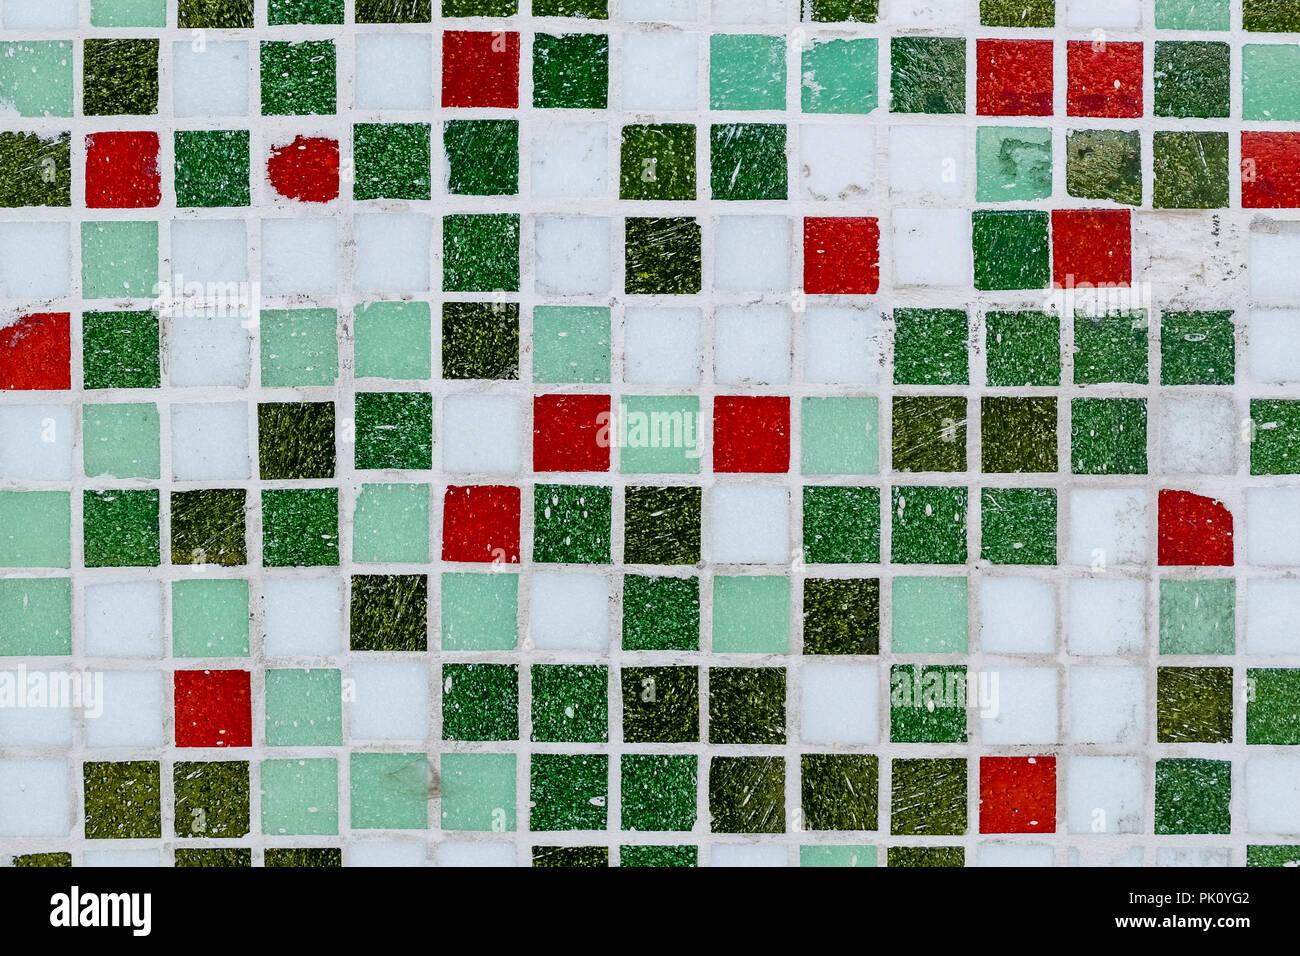 Abstrakt Grun Und Rot Mosaik Fliesen Fur Hintergrund Fur Ihr Design